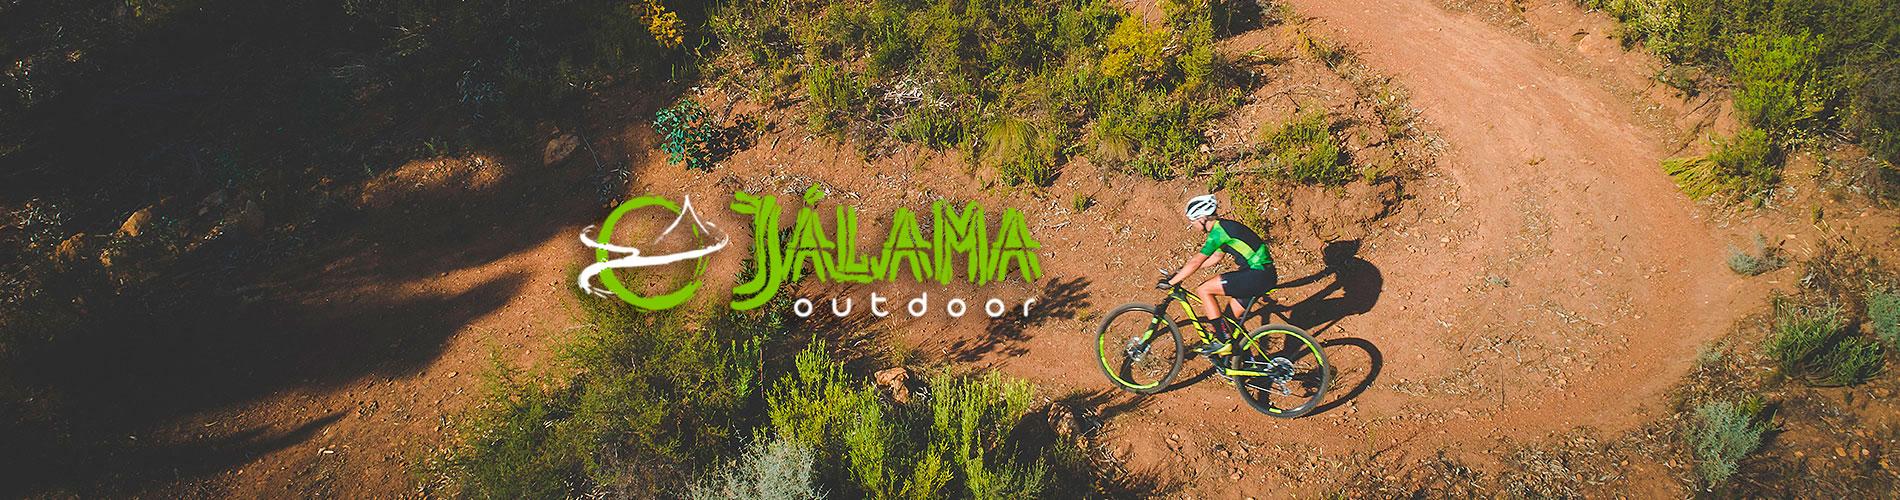 curva de un camino de tierra con piedras y una persona bajando por ella en biciceta